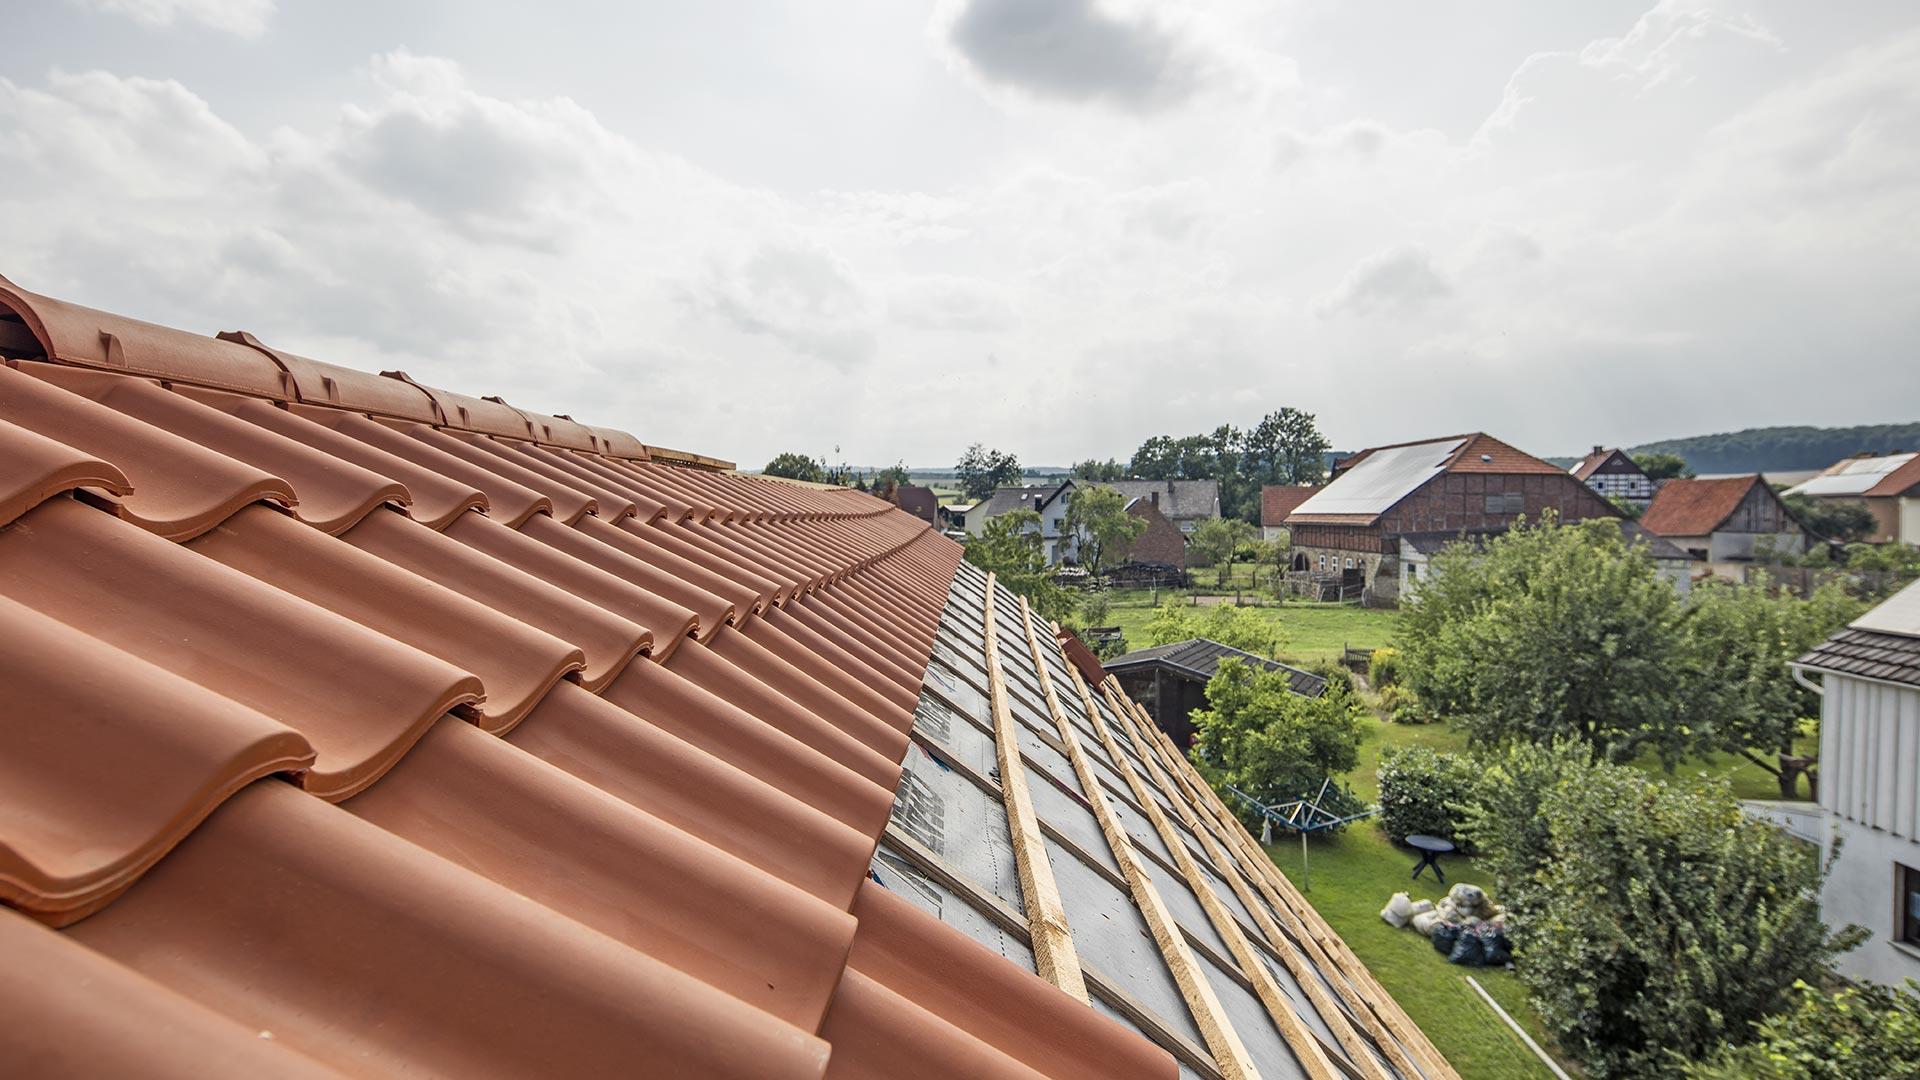 Architekturfotografie: Dach, Teileindeckung | Foto: Dieter Eikenberg, imprints